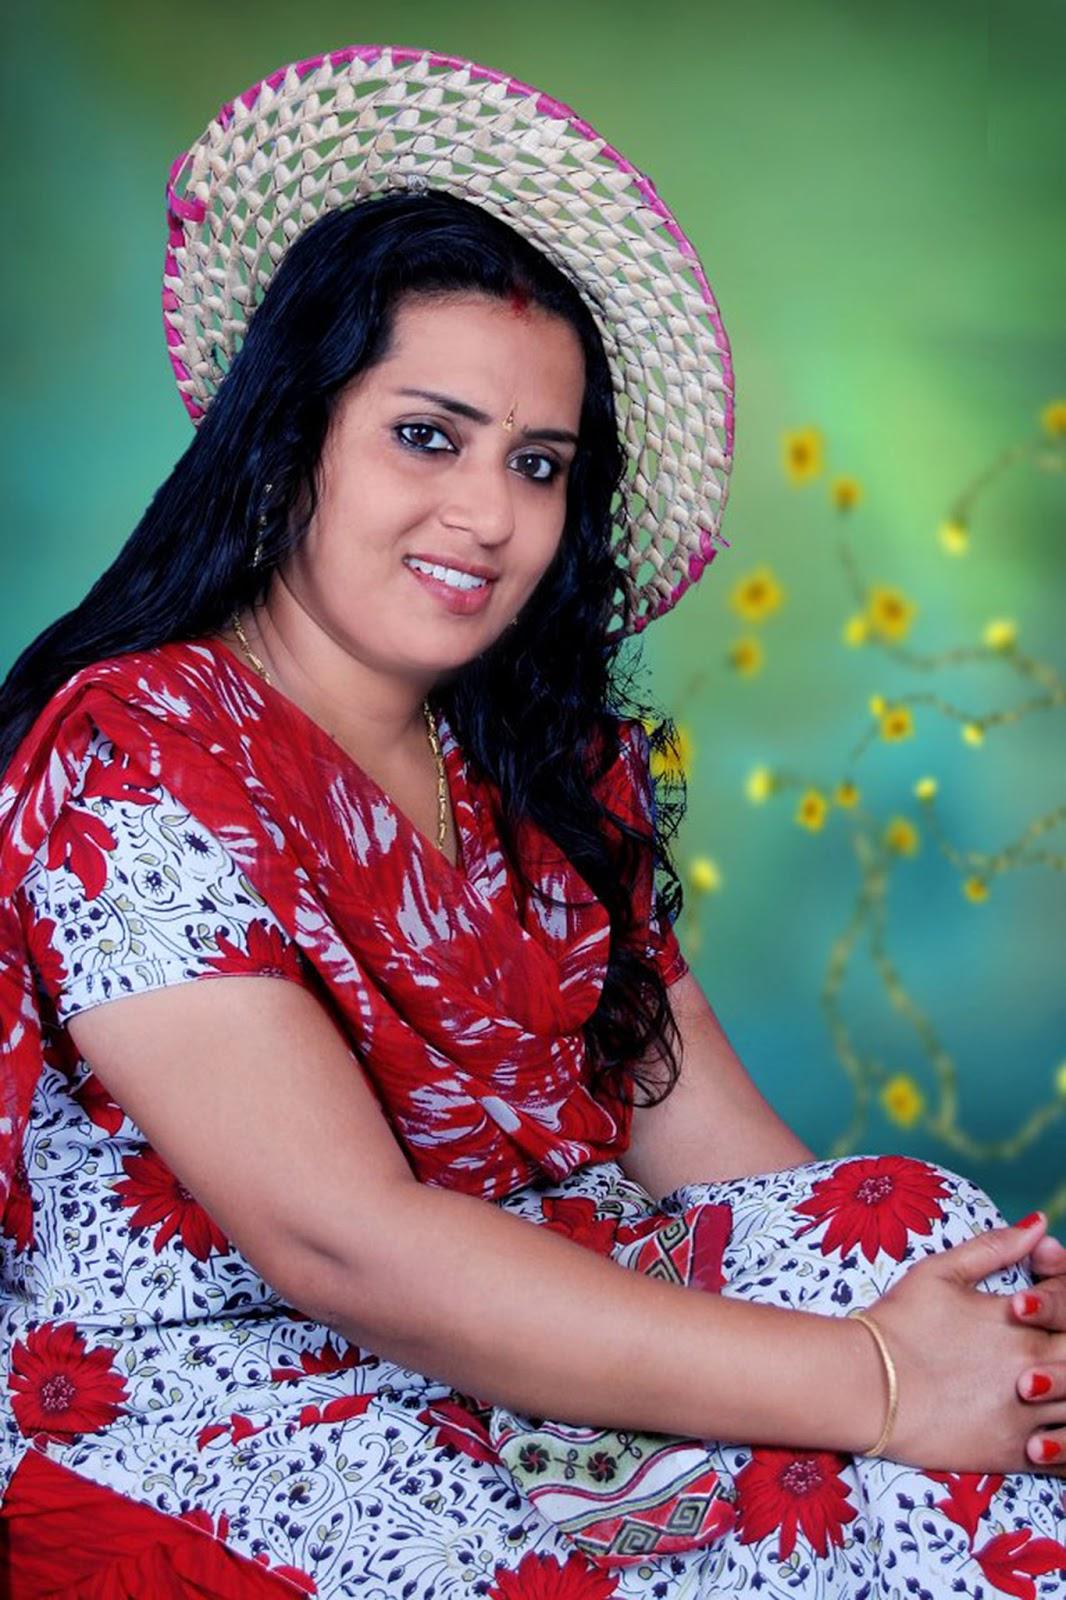 Mallu Actress Hot Photos: Mallu Malayalam Actress